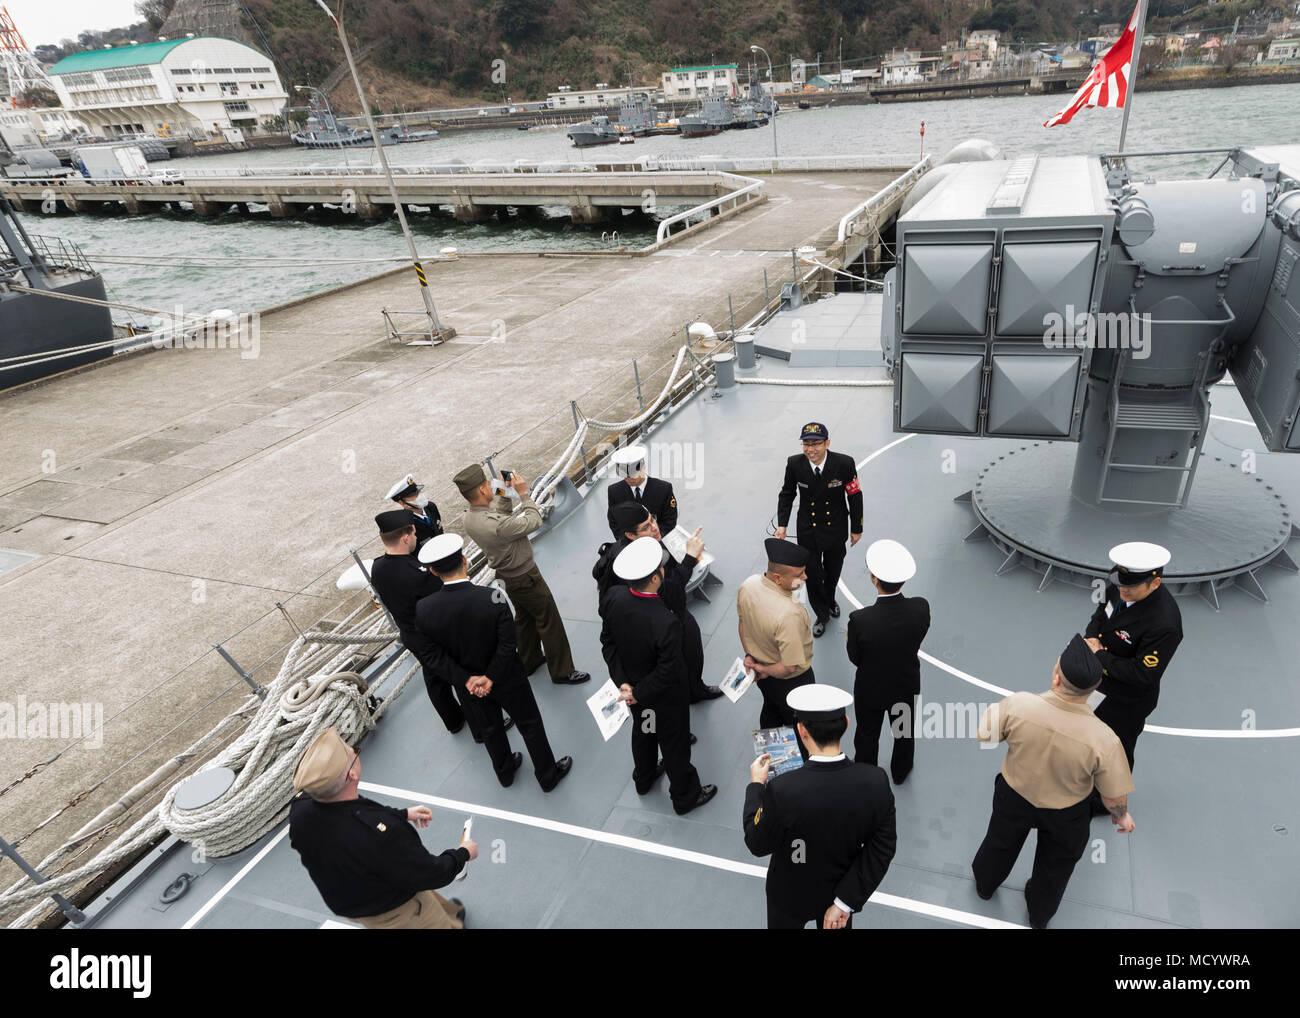 180307-N-LG762-082 Yokosuka, Japón (Mar. 7, 2018), los participantes del continuum de Liderazgo para Suboficiales bilaterales tour la fuerza de autodefensa marítima de Japón (JMSDF) buque JS Yuugiri (DD 153). El continuo es un evento de capacitación enfocada en el desarrollo de peer-to-peer, la intervención de apoyo, habilidades y técnicas de liderazgo compartido entre las Fuerzas Armadas de los Estados Unidos y la JMSDF. (Ee.Uu. Navy photo by Mass Communication Specialist 2nd Class Zhiwei tan/liberado) Imagen De Stock